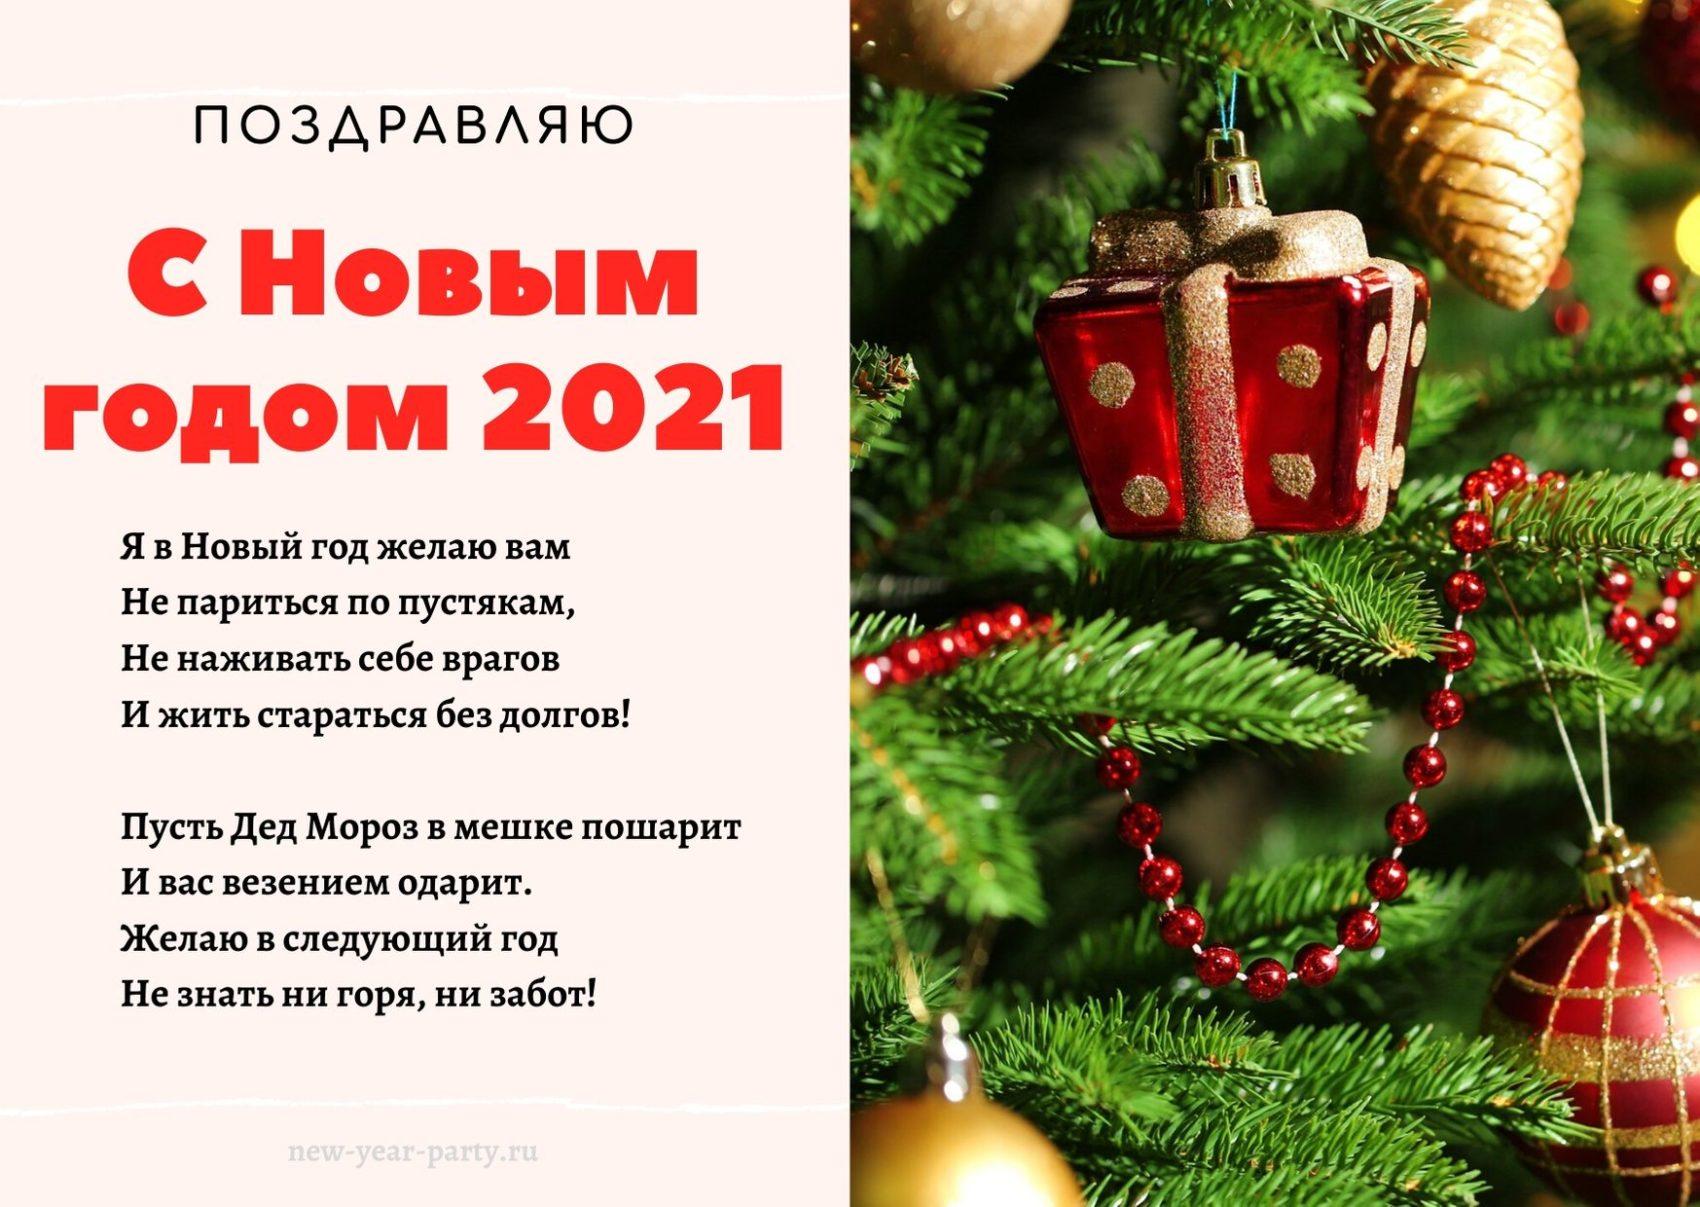 Прикольные открытки на Новый год 2021